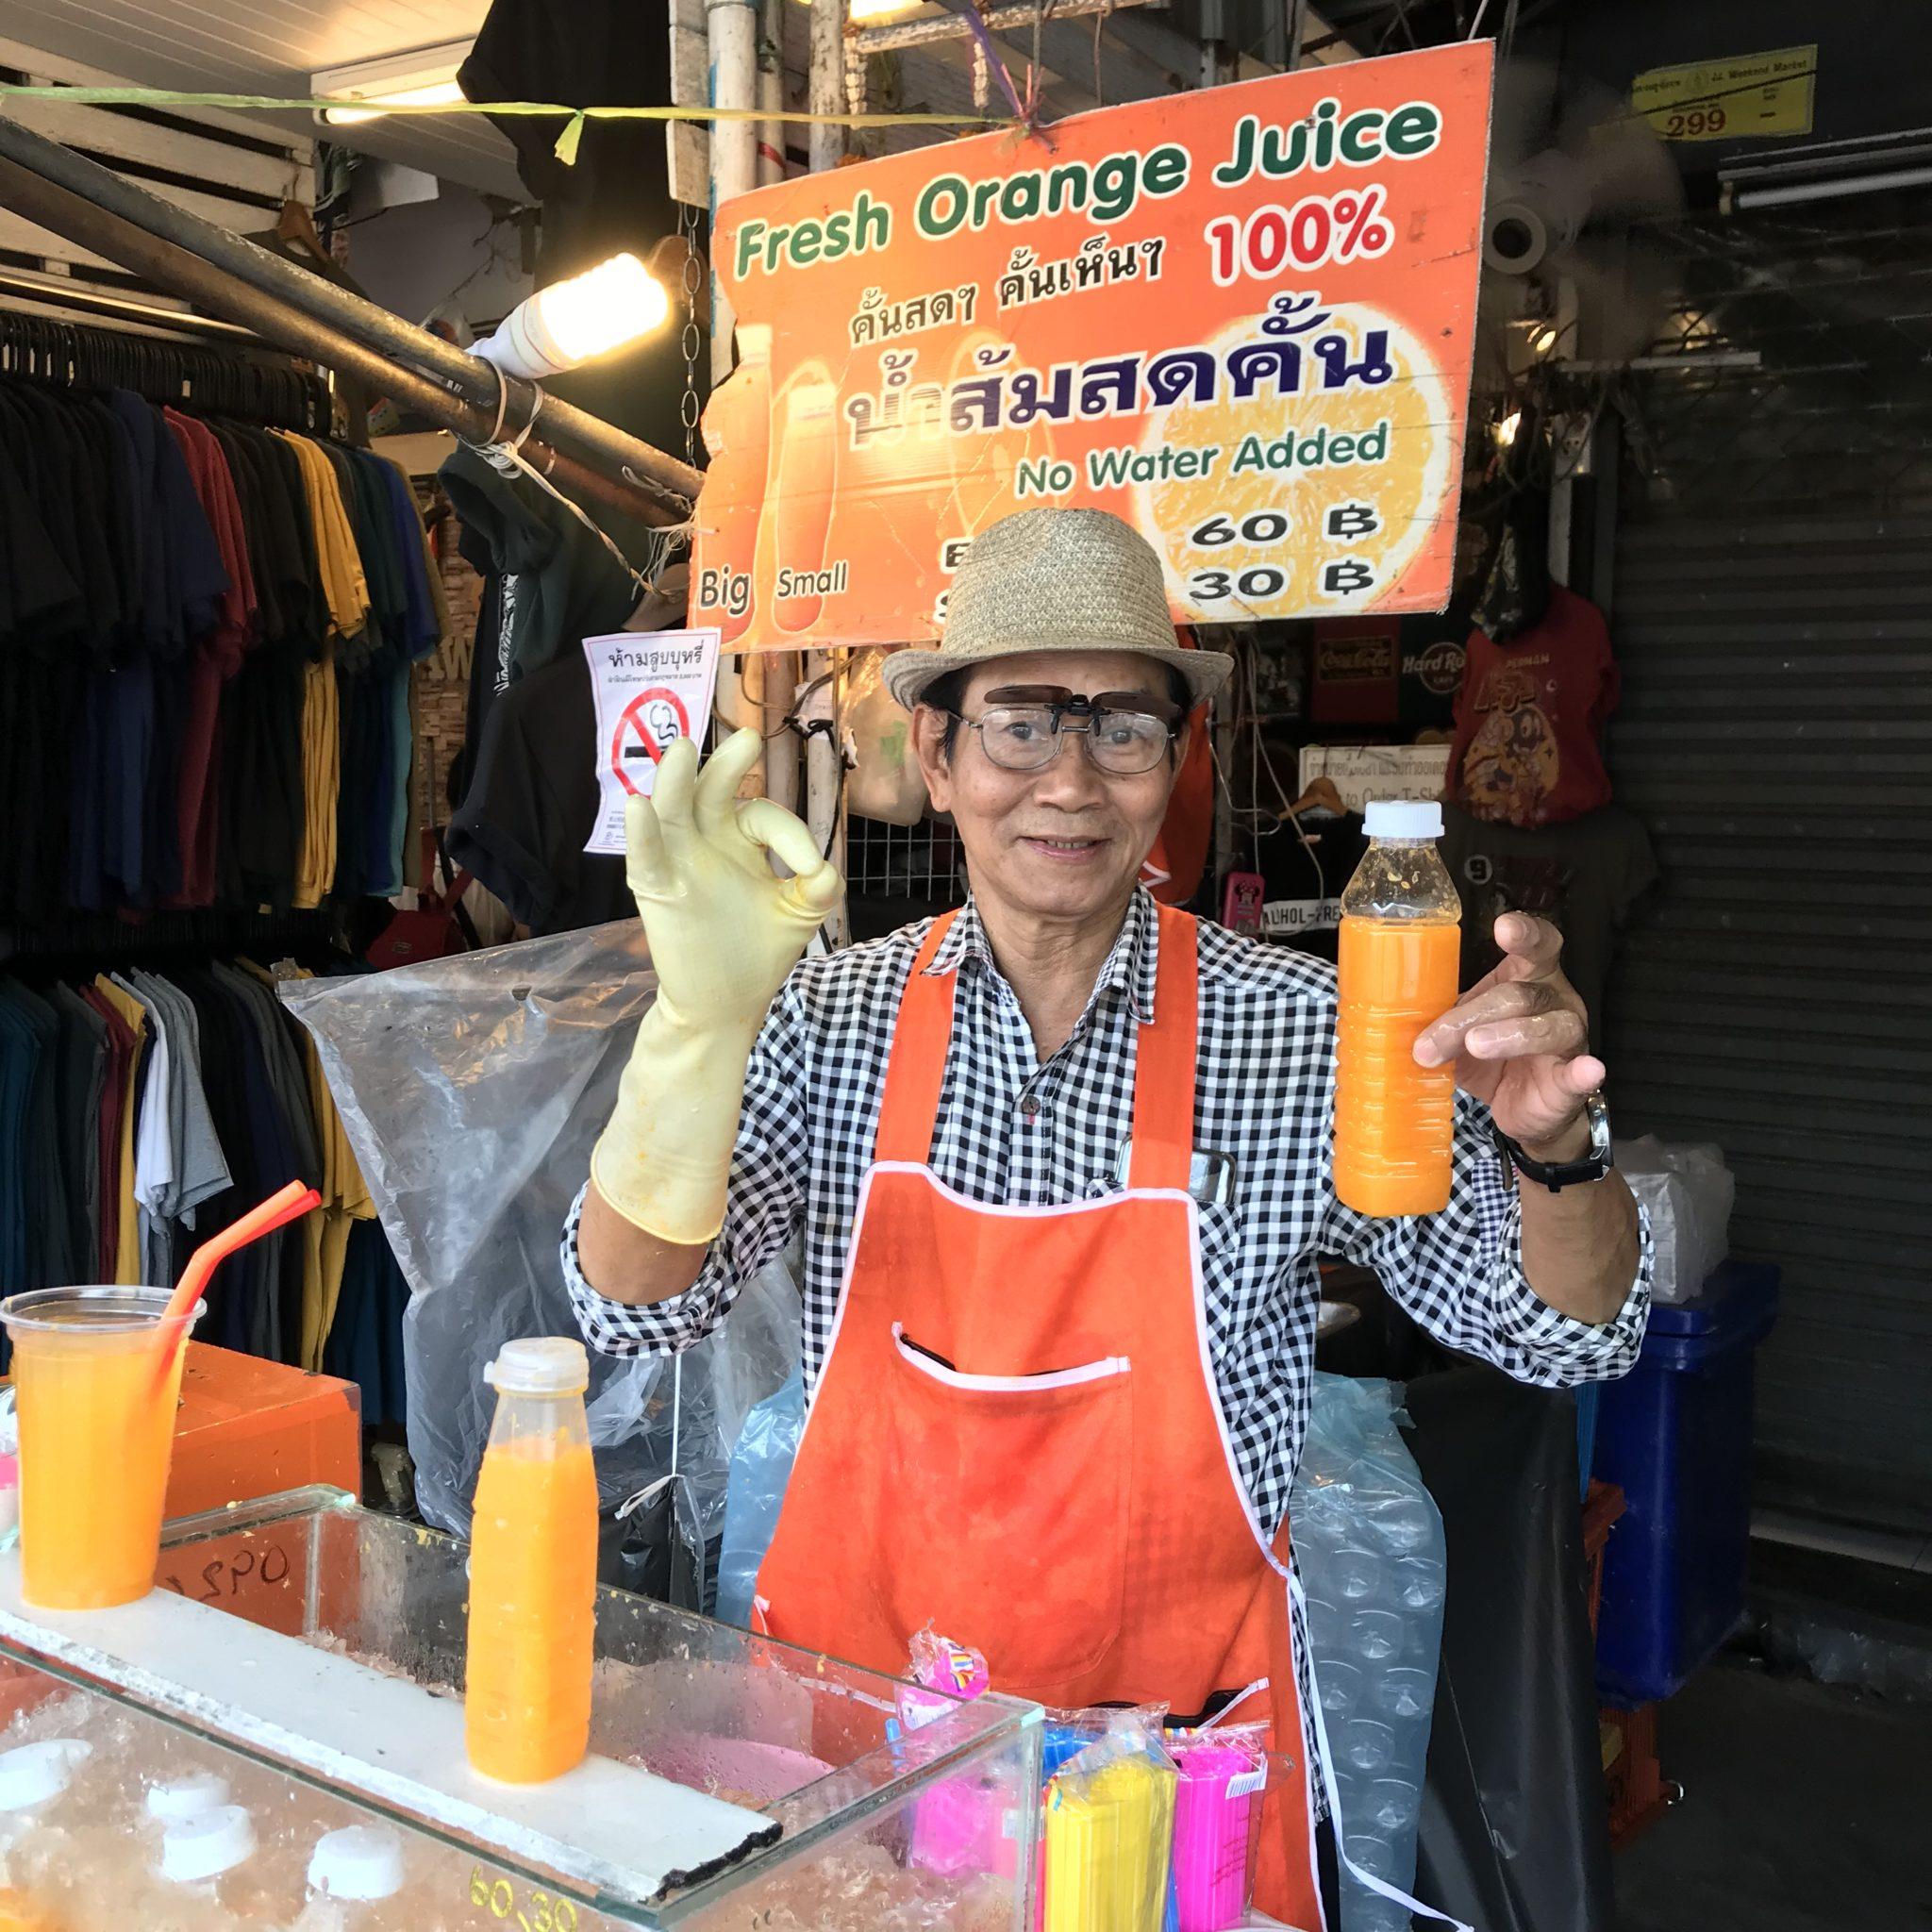 オレンジジュース屋さんのおじさん。ノンシュガー・ノンウォーター!